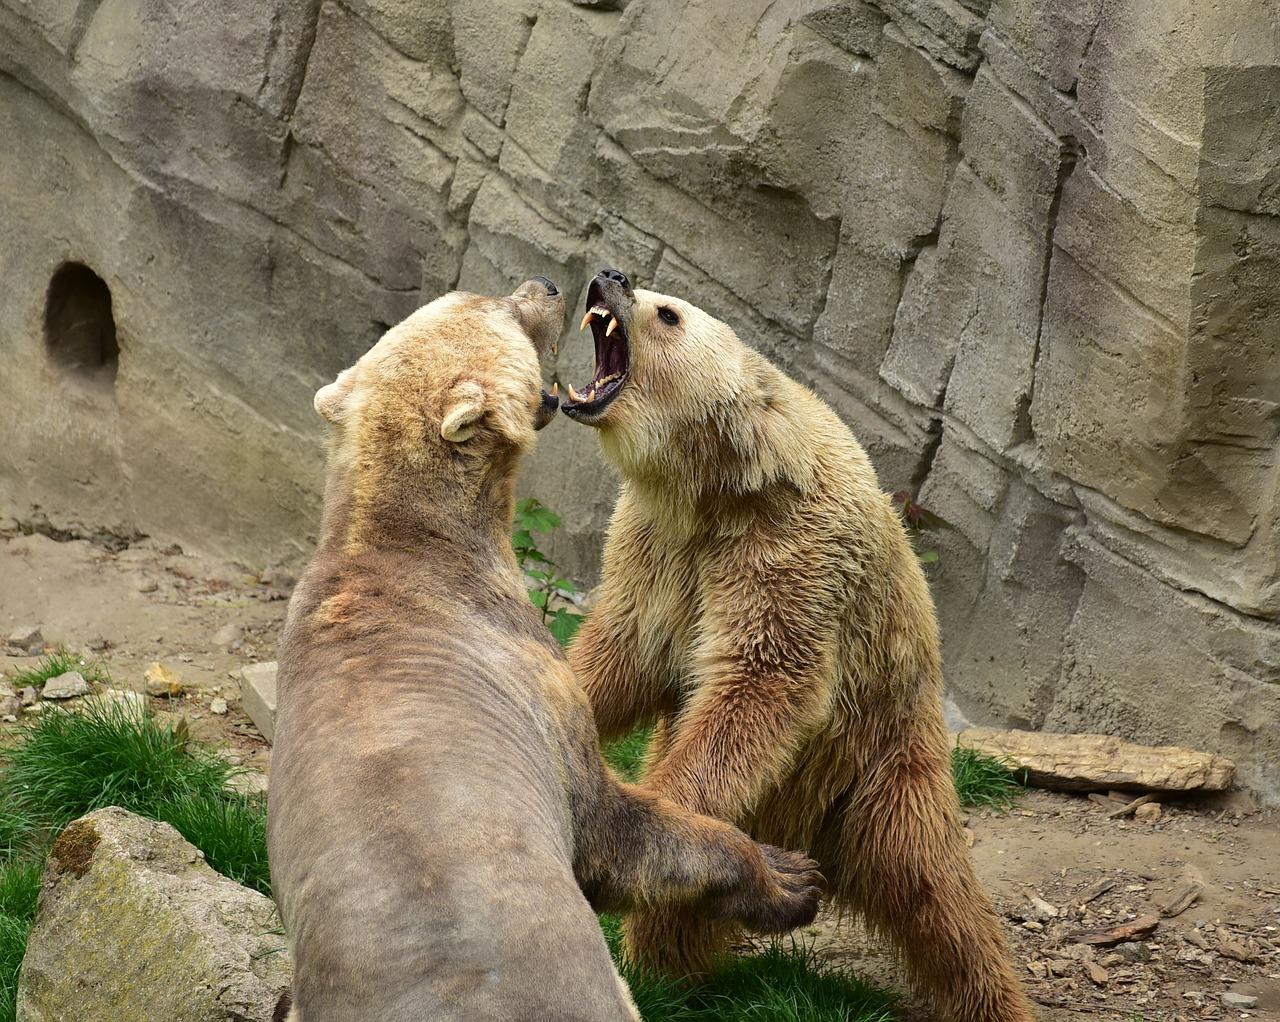 bear-783014_1280